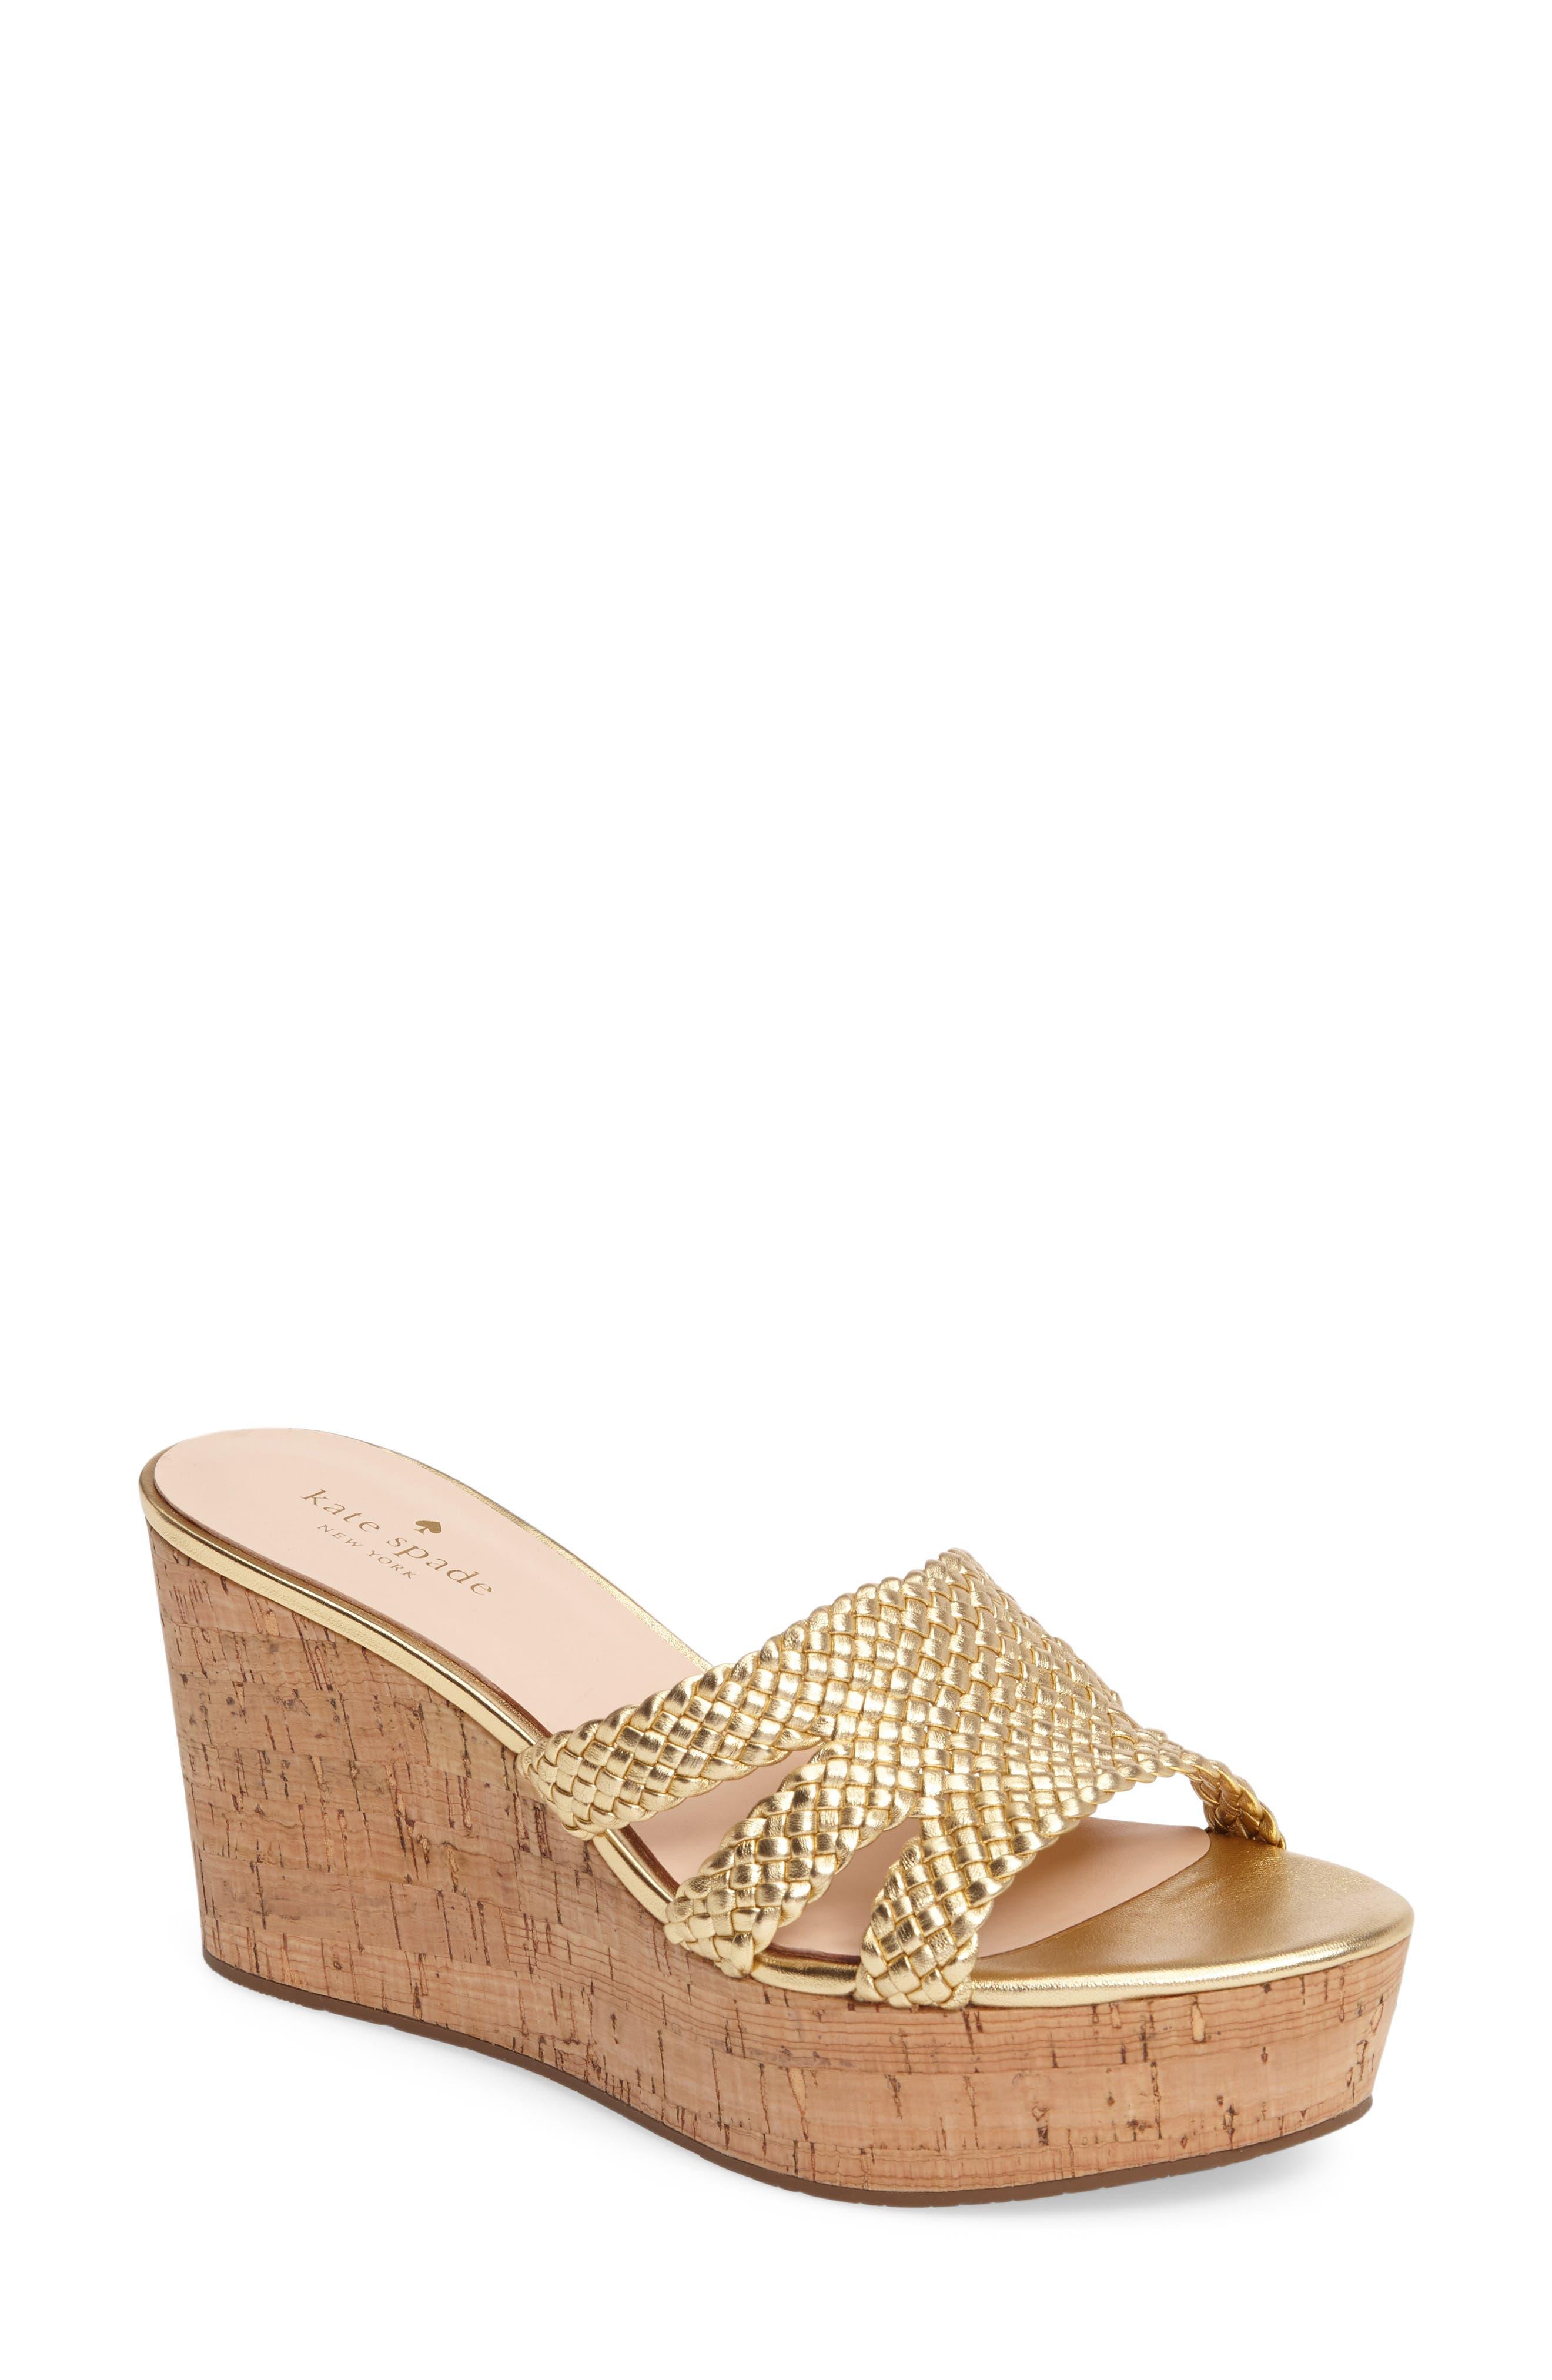 Alternate Image 1 Selected - kate spade new york tarvela wedge sandal (Women)